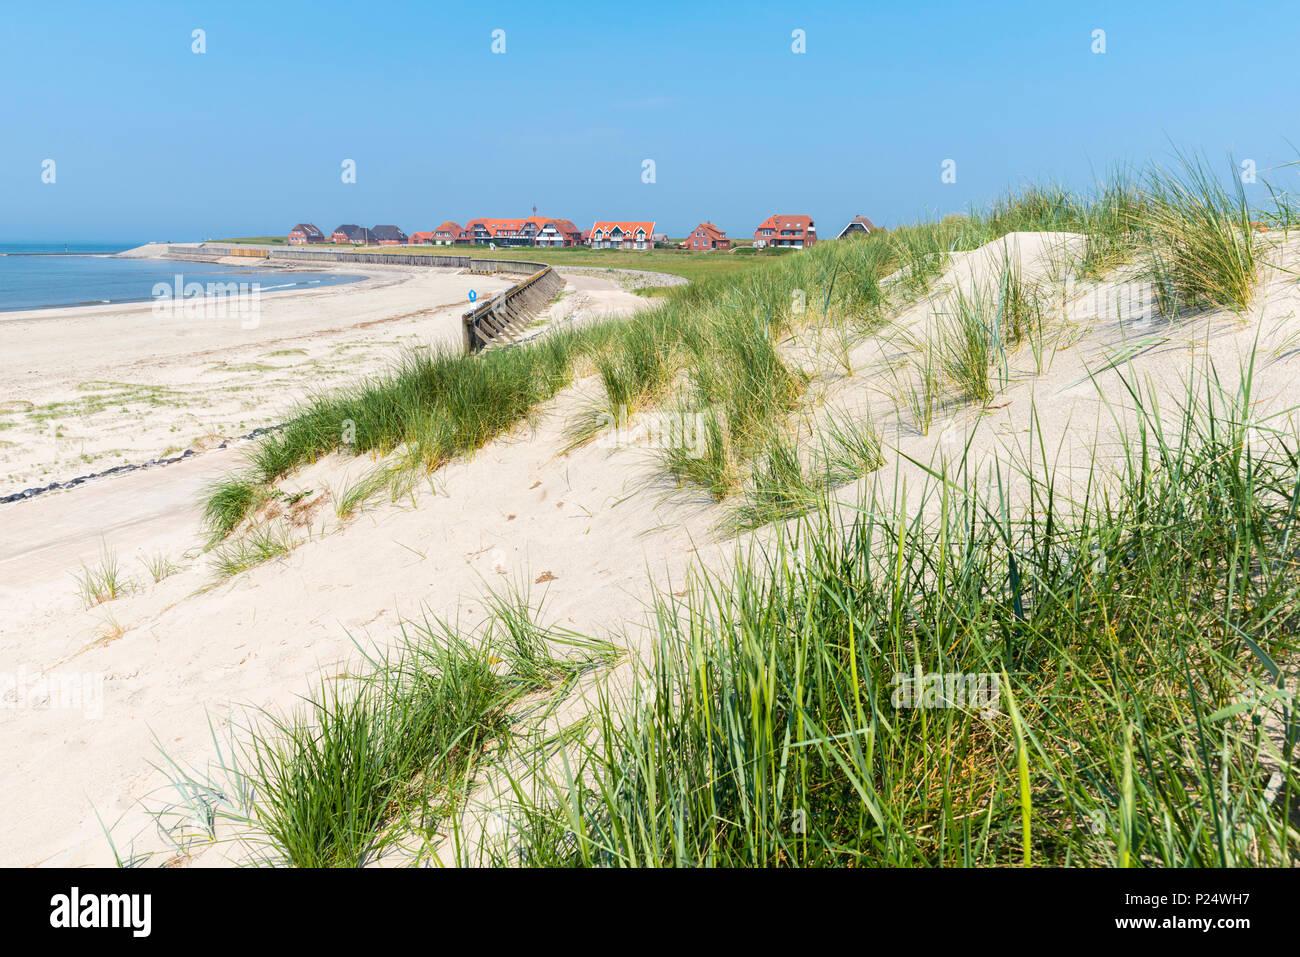 Beach on Baltrum, East Frisian island, Lower Saxony, Germany, Badestrand an der Nordsee, Baltrum,  Ostfriesland, Niedersachsen, Deutschland Stock Photo